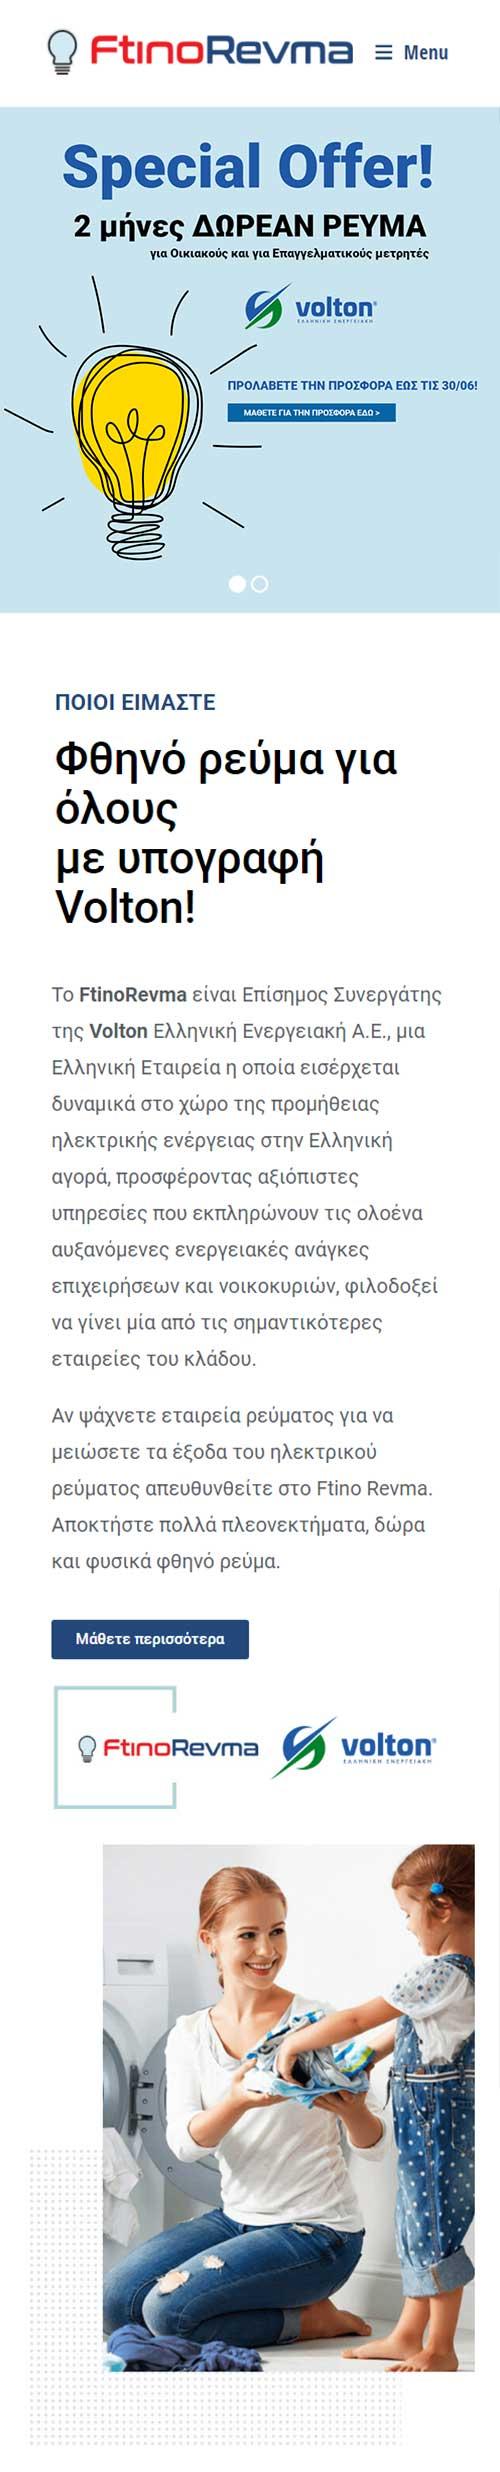 Κατασκευή ιστοσελίδων ftino revma resp 00